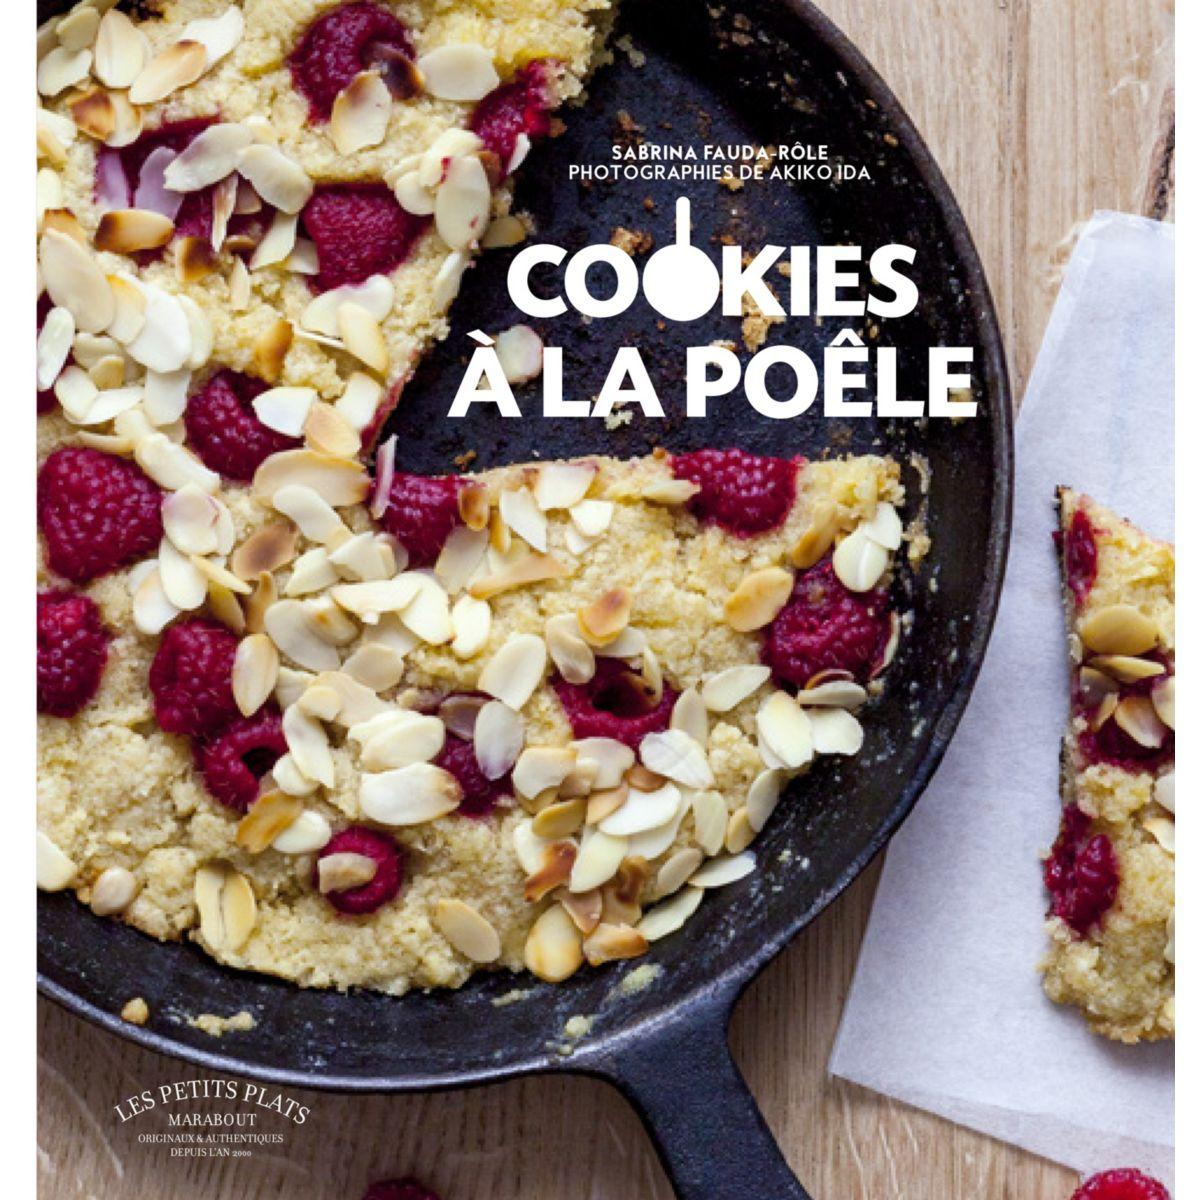 Livre marabout cookies à la poêle - la sélection webdistrib.com (photo)